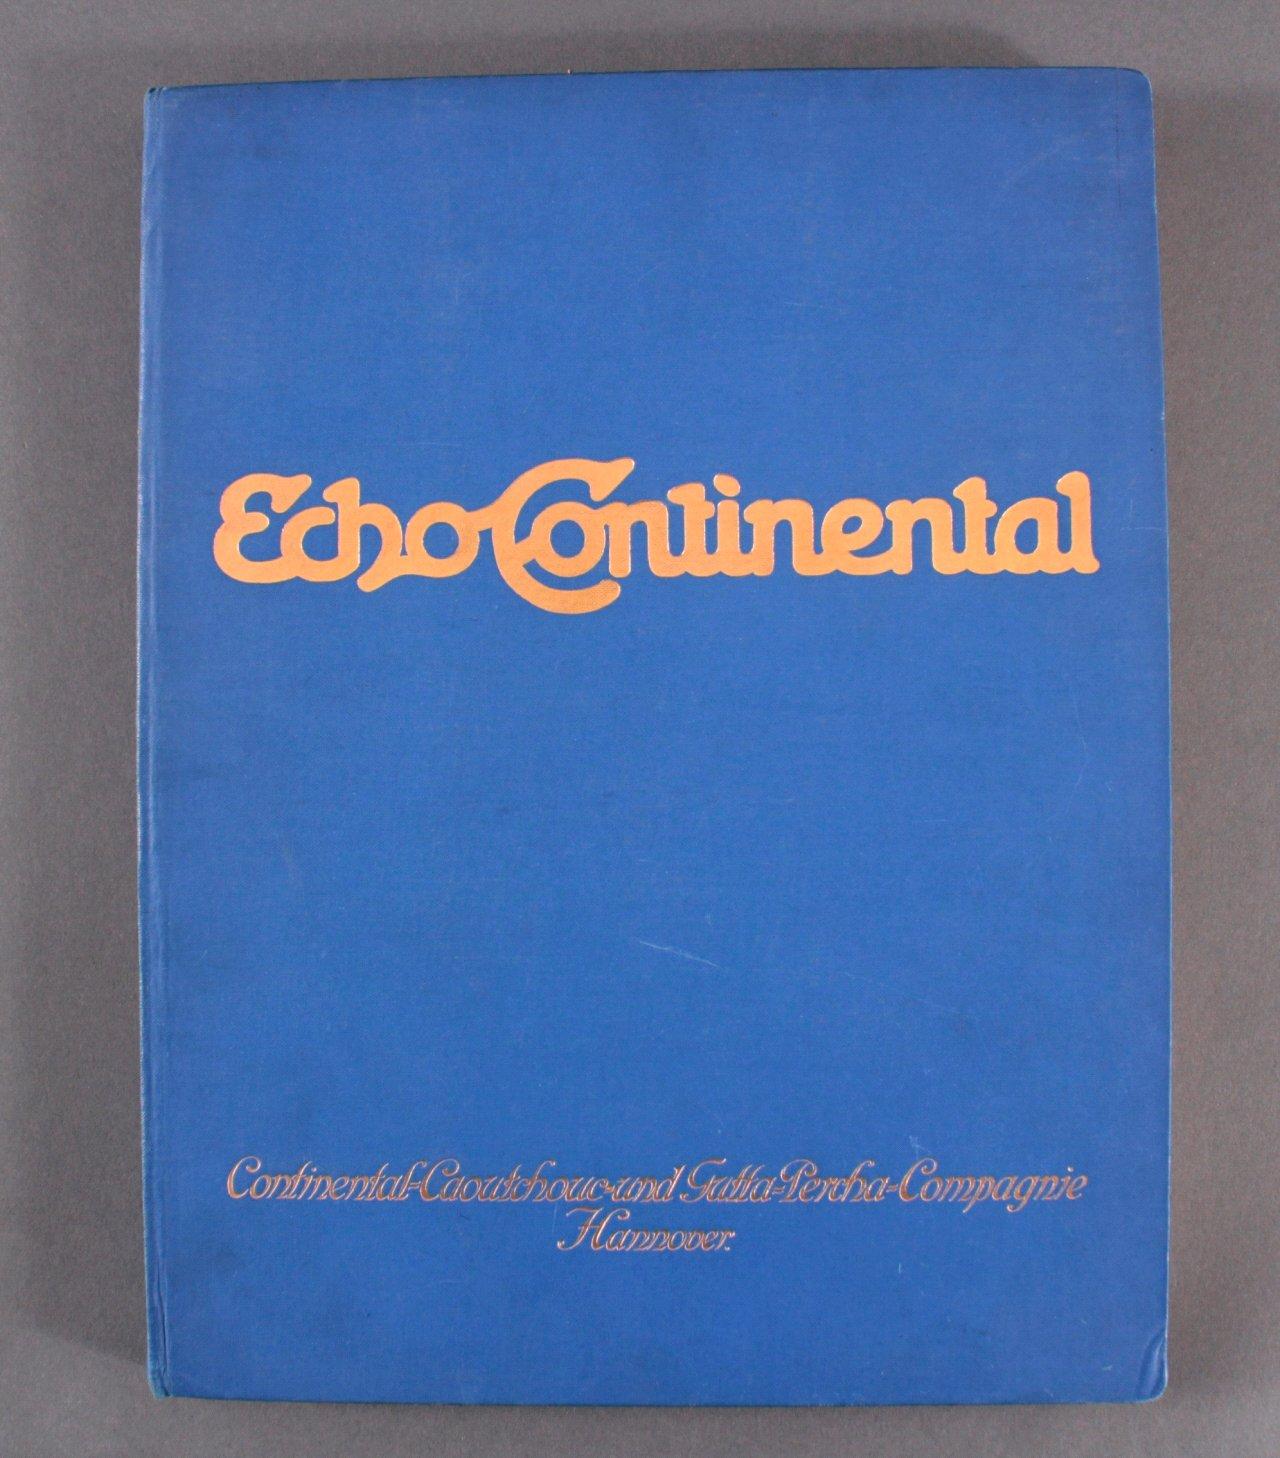 Echo Continental Jahrgang 1928